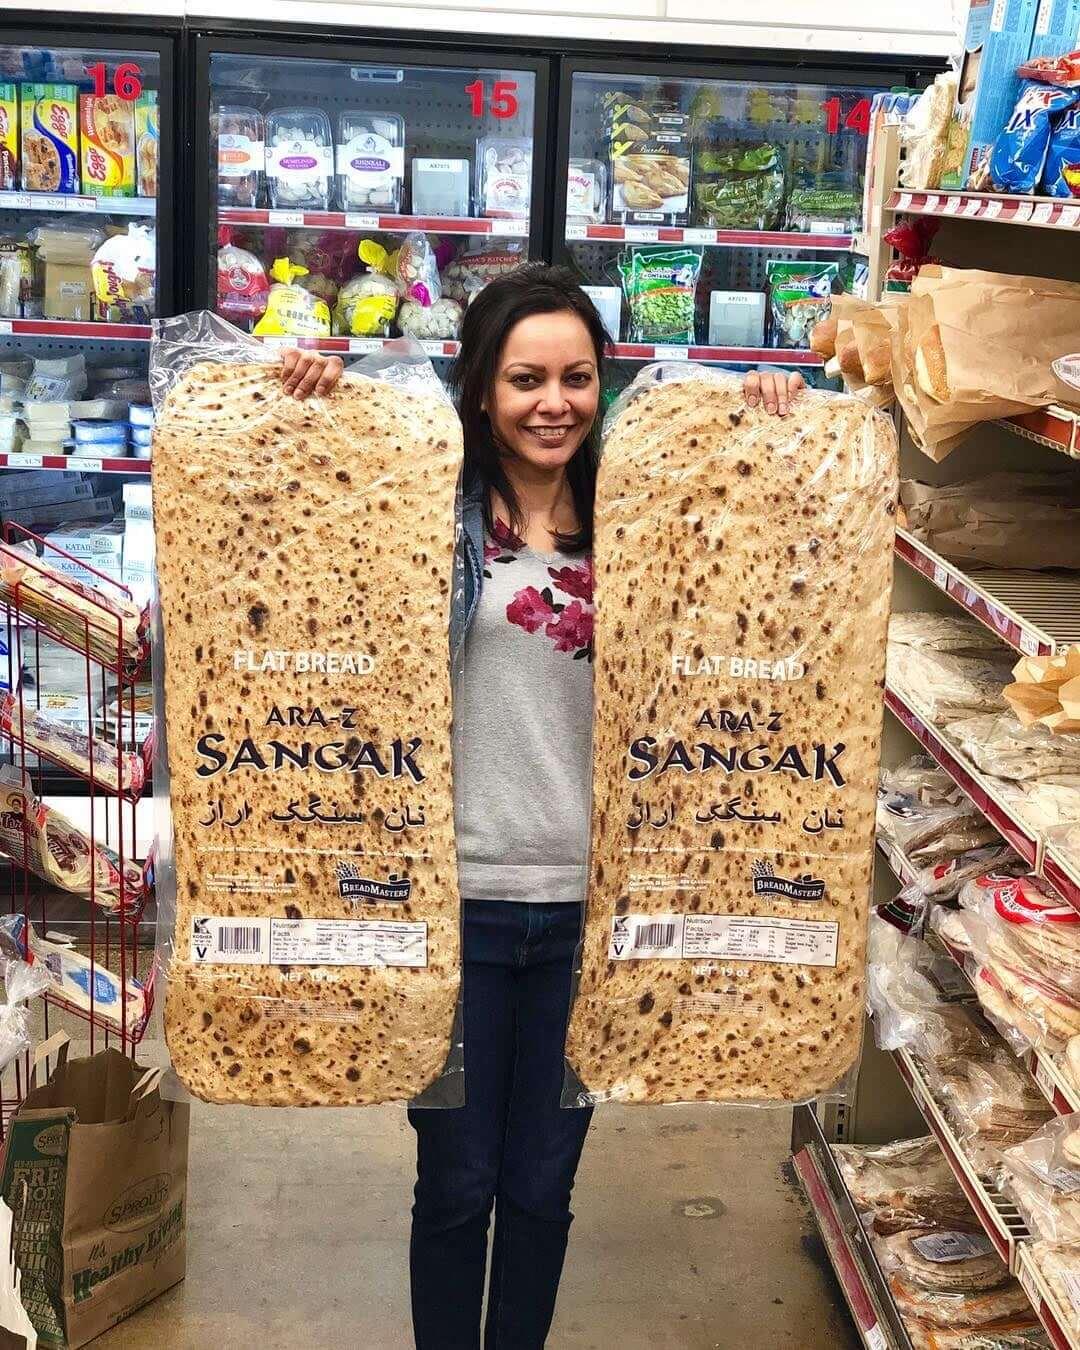 sangak-toasted-flatbread-sesame-seed-multi-seed-breadmasters-araz-arazsangak-breadmasters.com